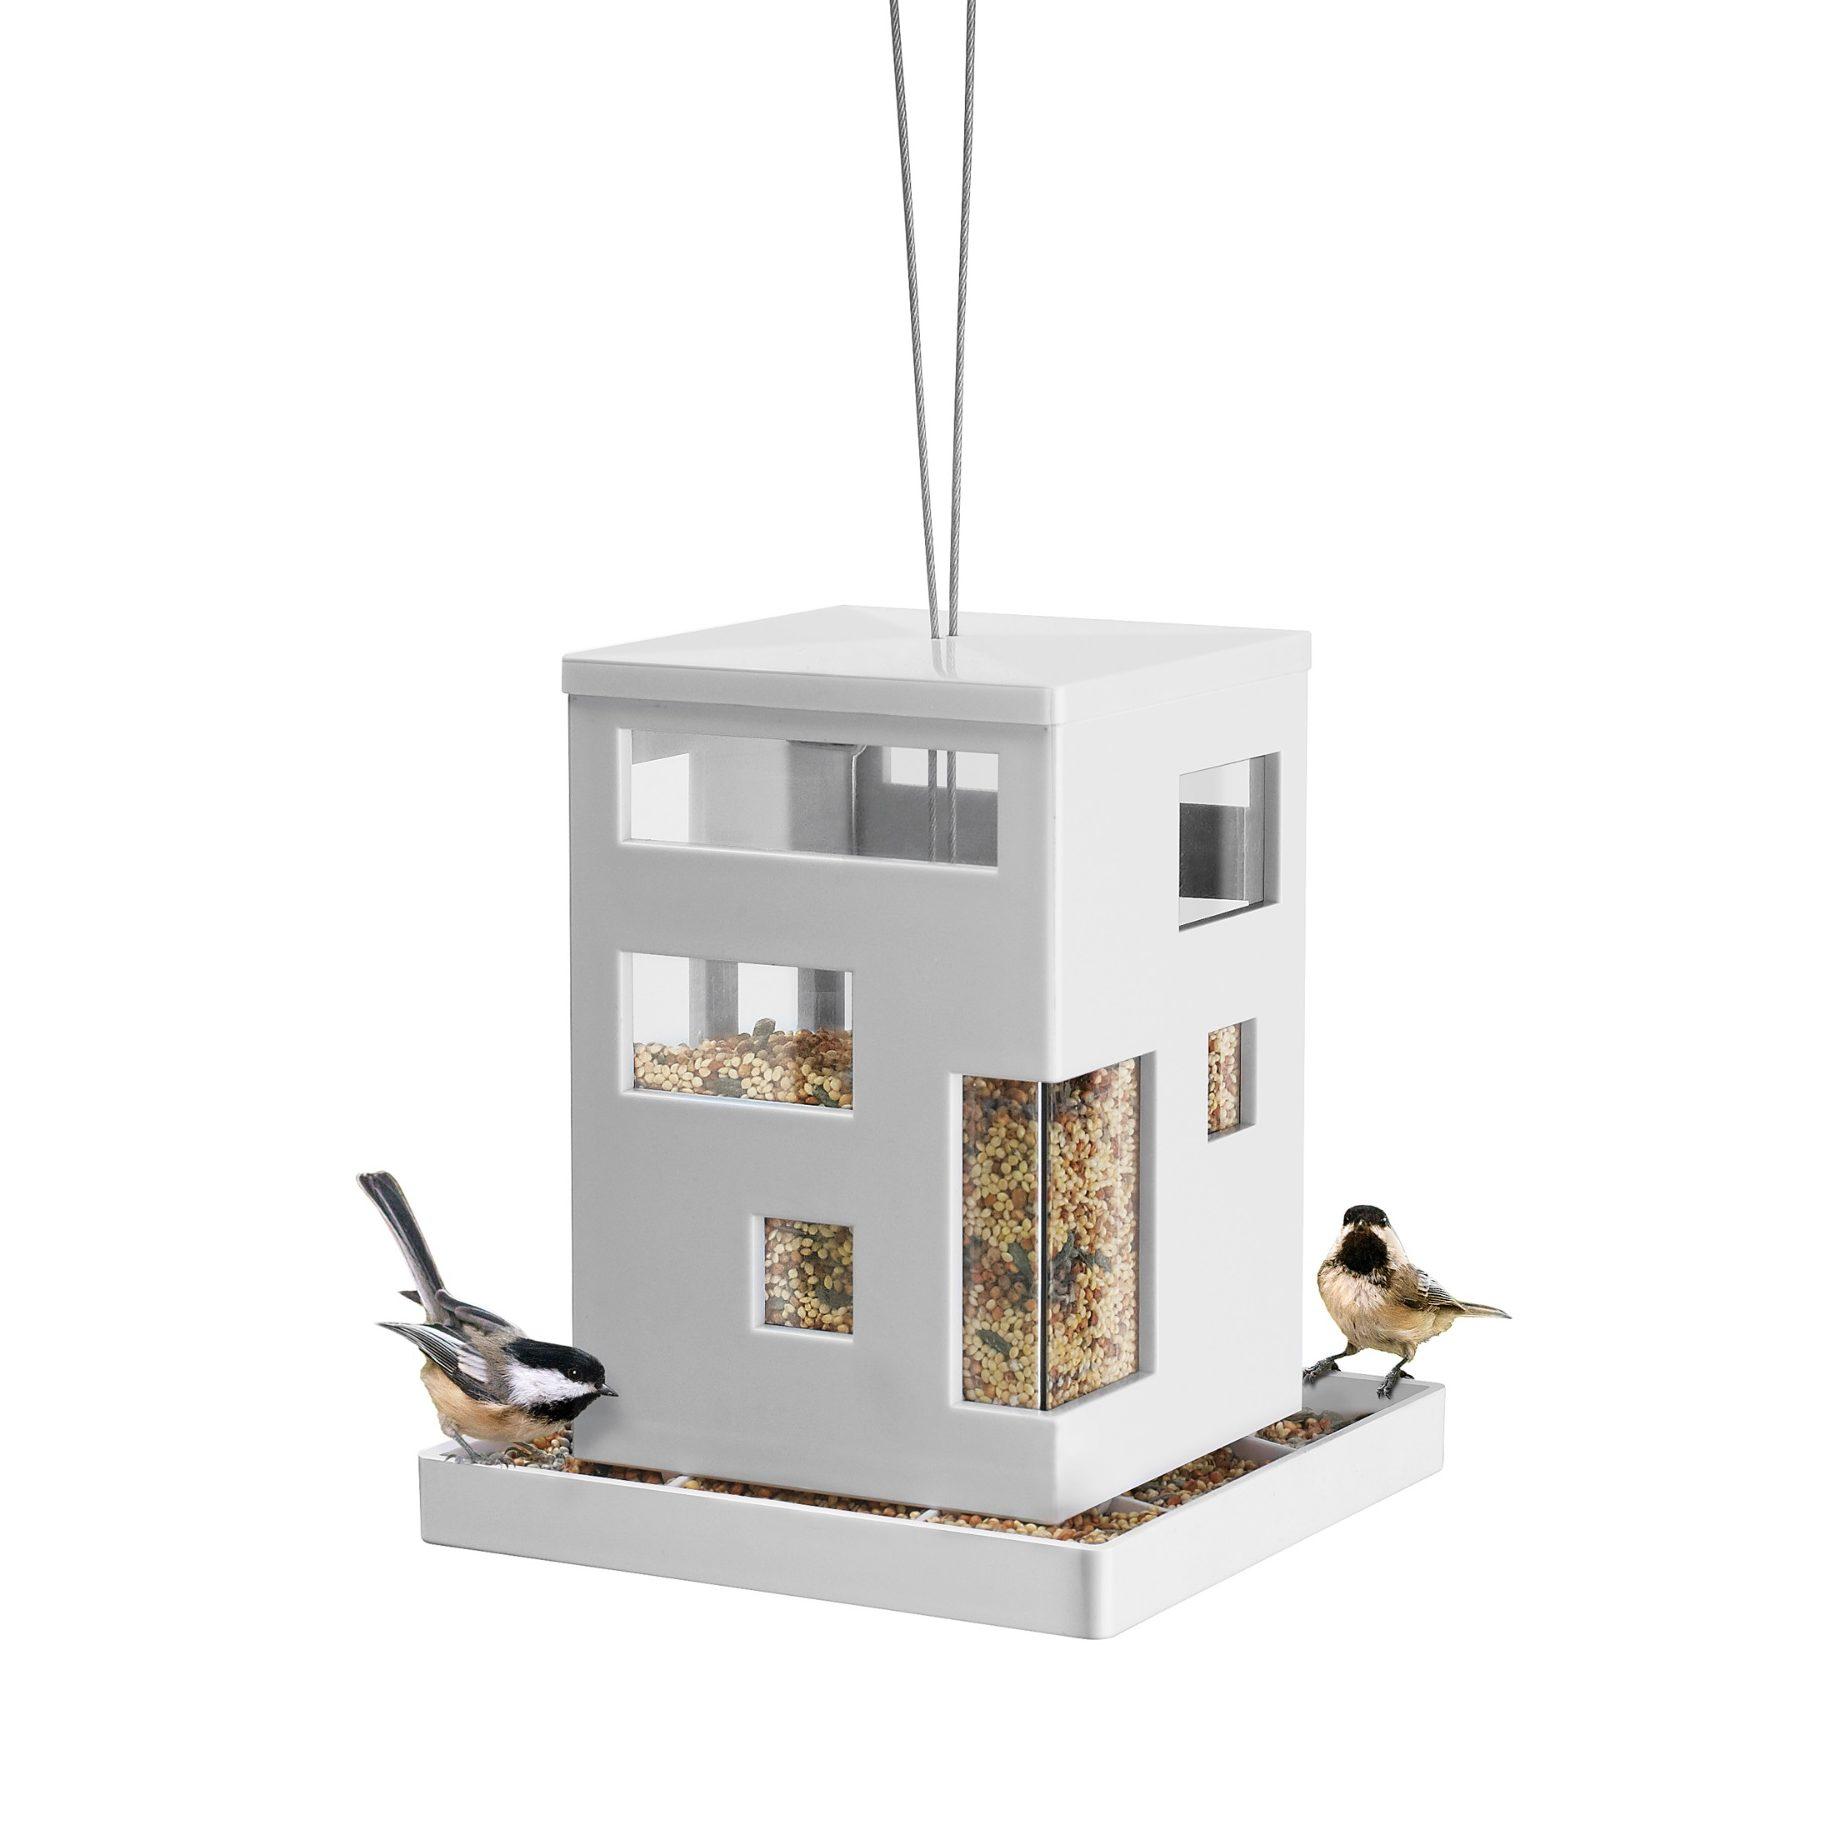 Karmnik dla ptaków Umbra. Wymiary 18×18 cm, wysokość 20 cm. Cena 33,6 £. www.redcandy.co.uk